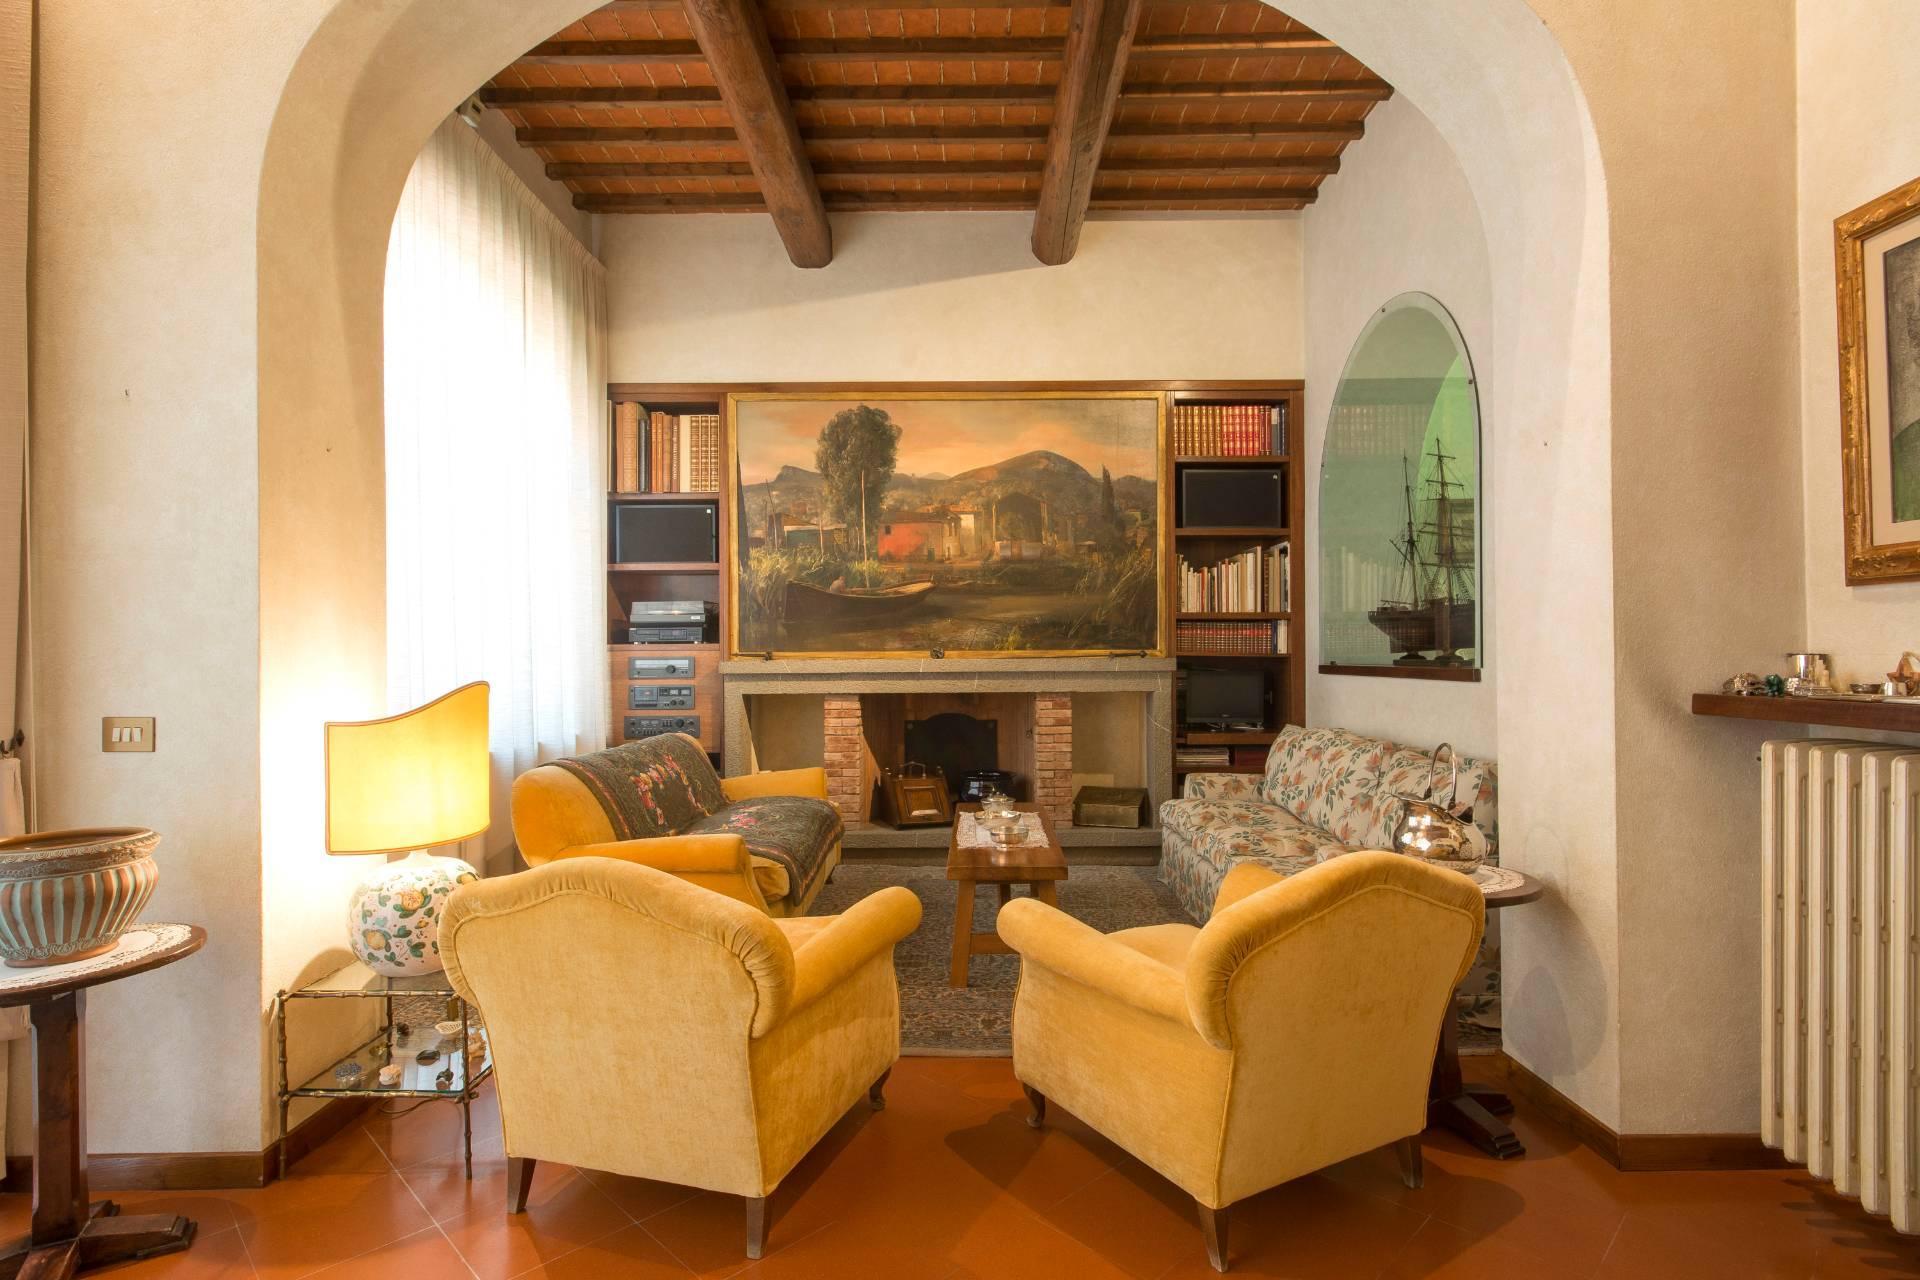 Villa storica con vista su Firenze - 10